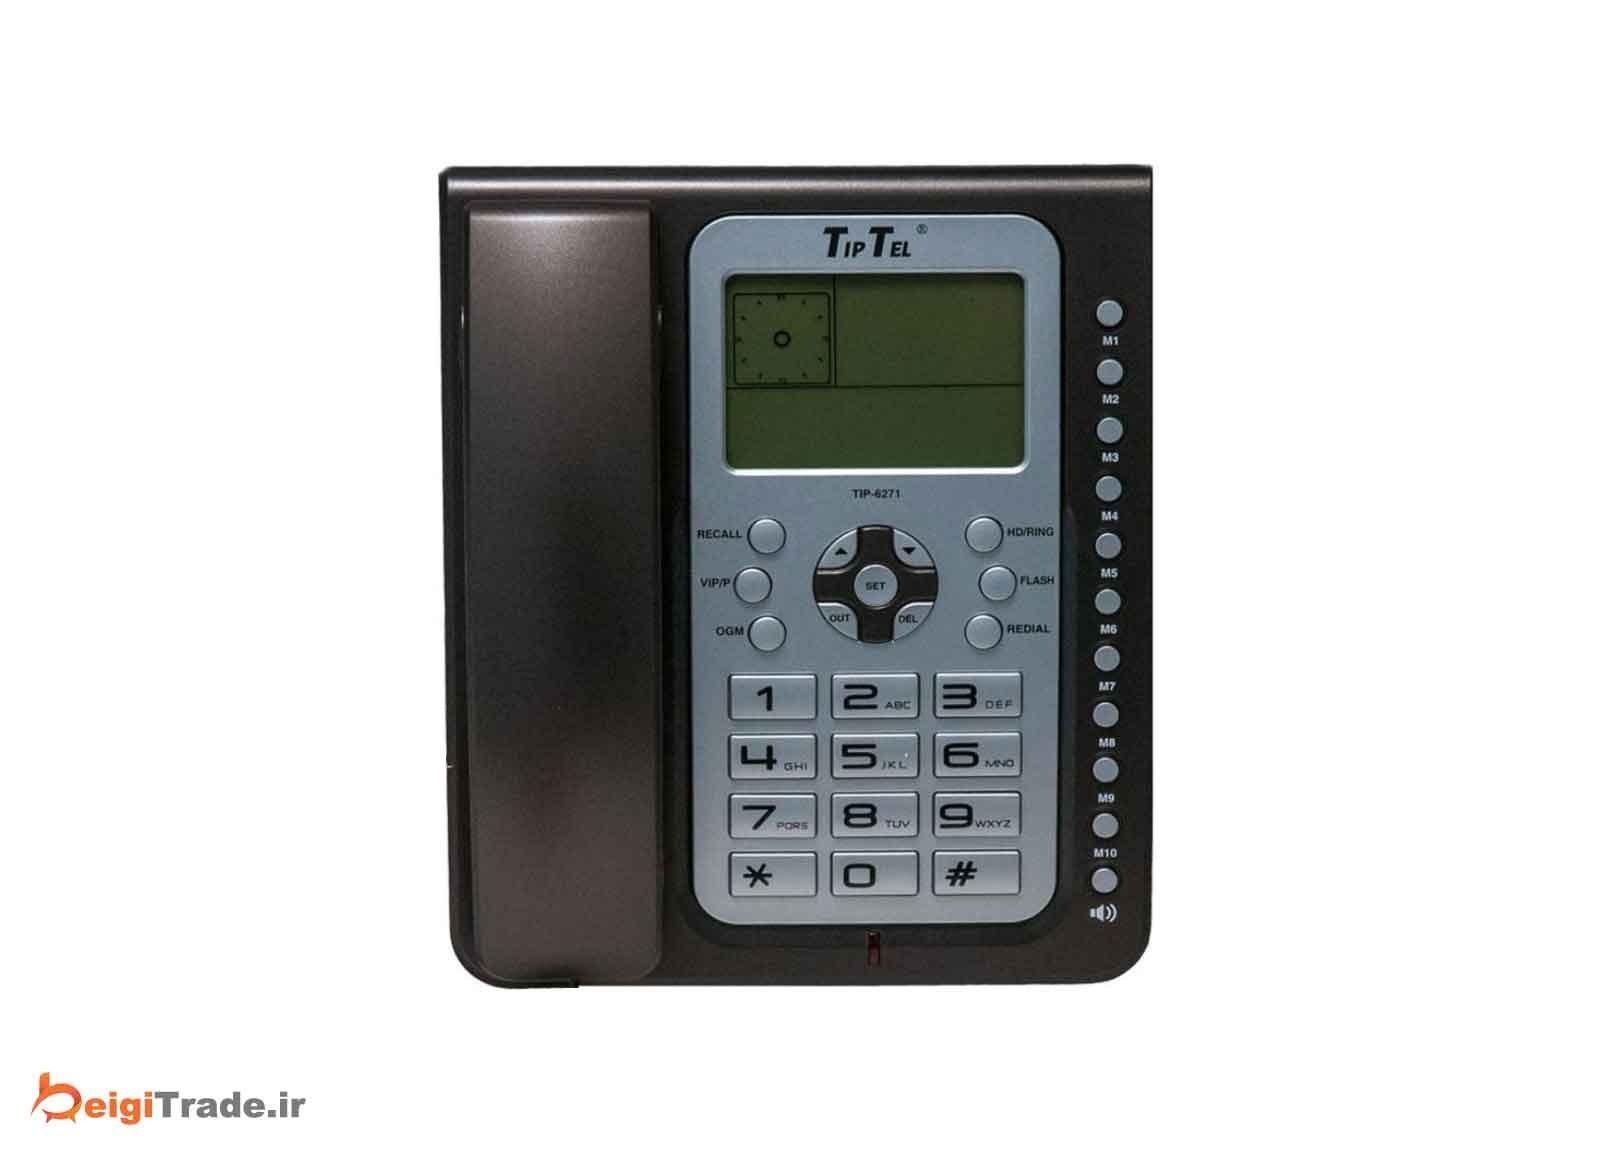 تصویر تلفن تیپ تل مدل TIP-6271